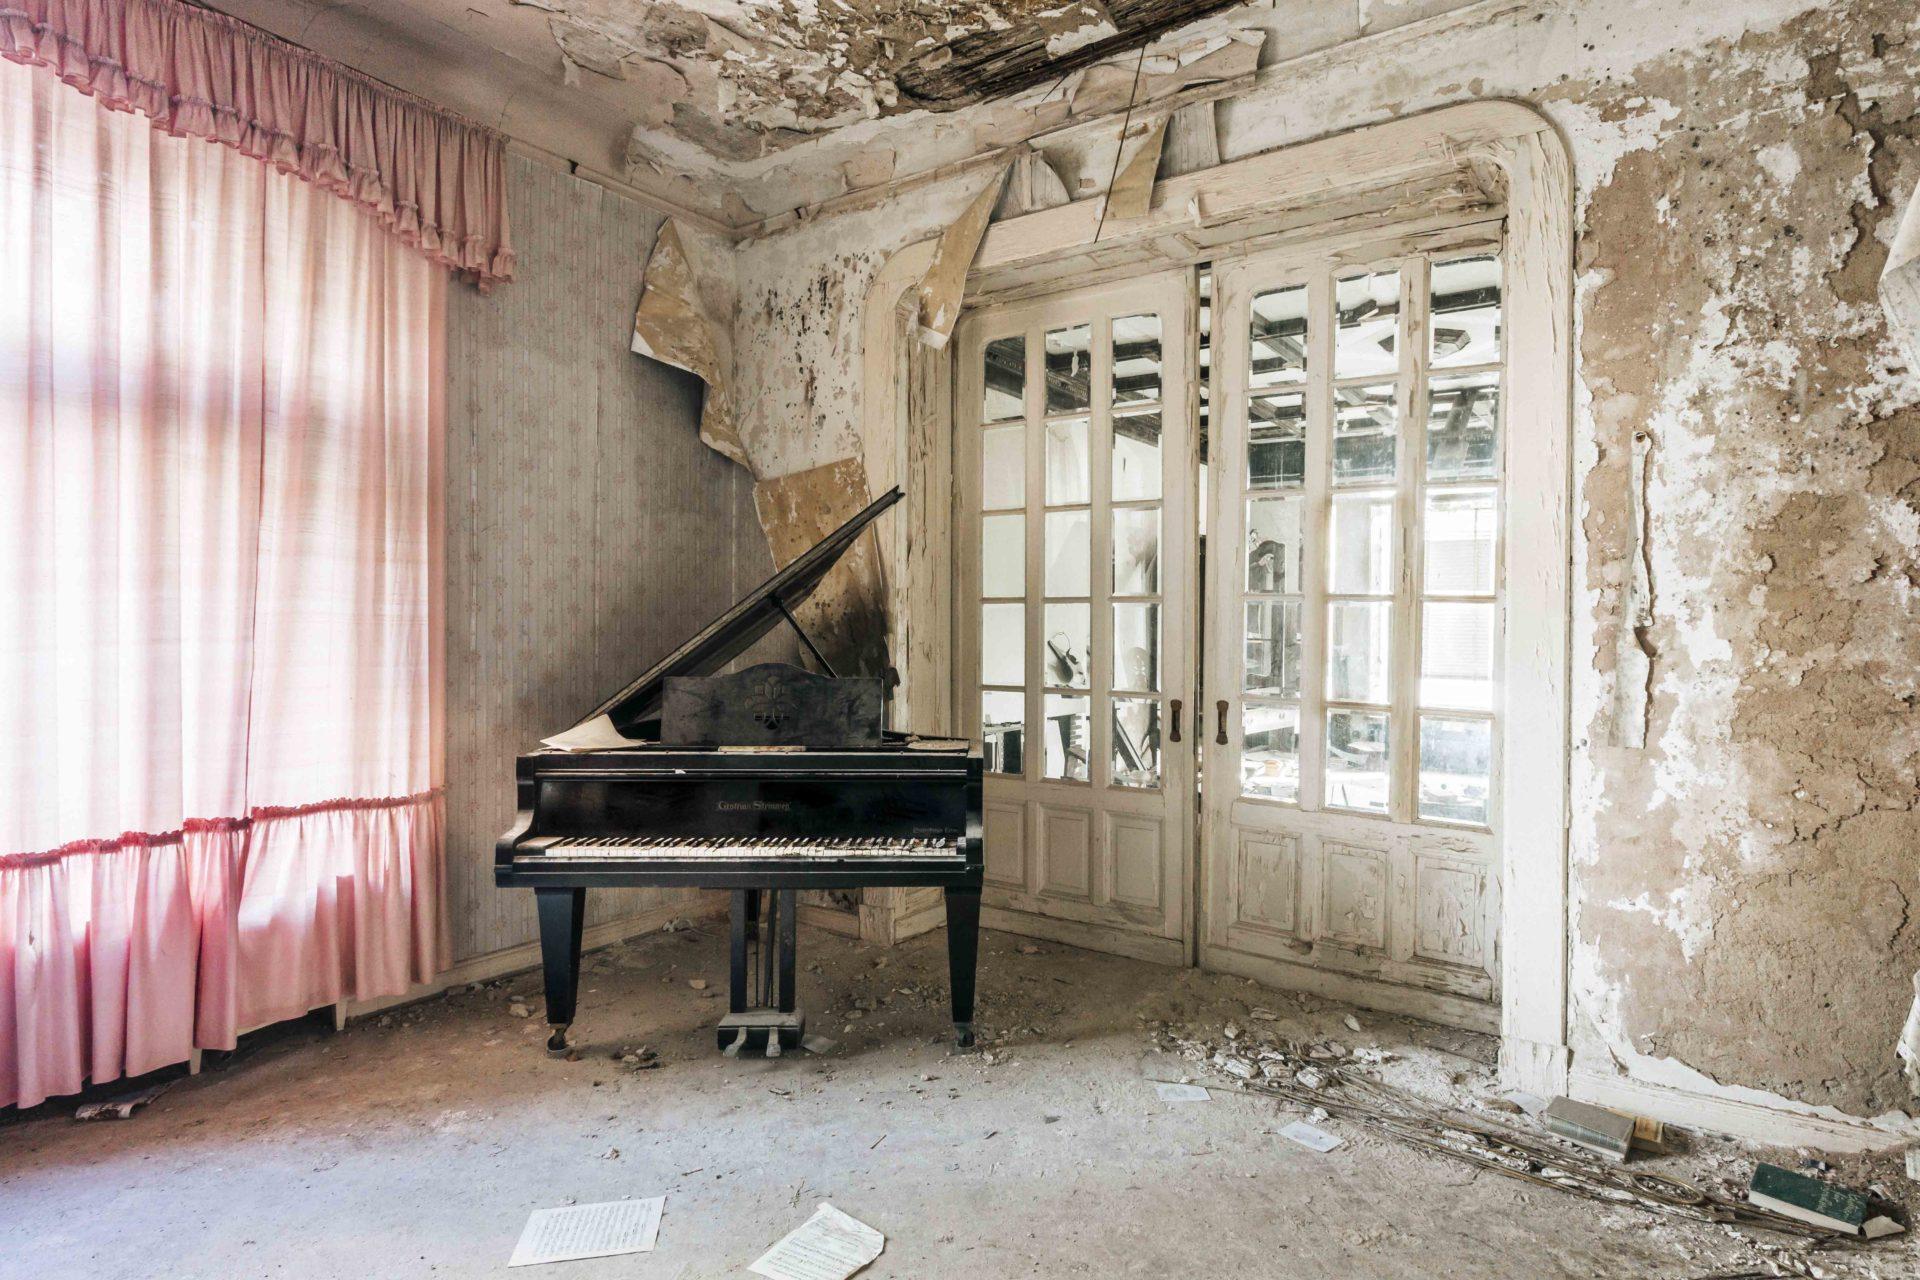 Requiem pour pianos 6 | Serie Requiem pour pianos | Romain Thiery | Germany